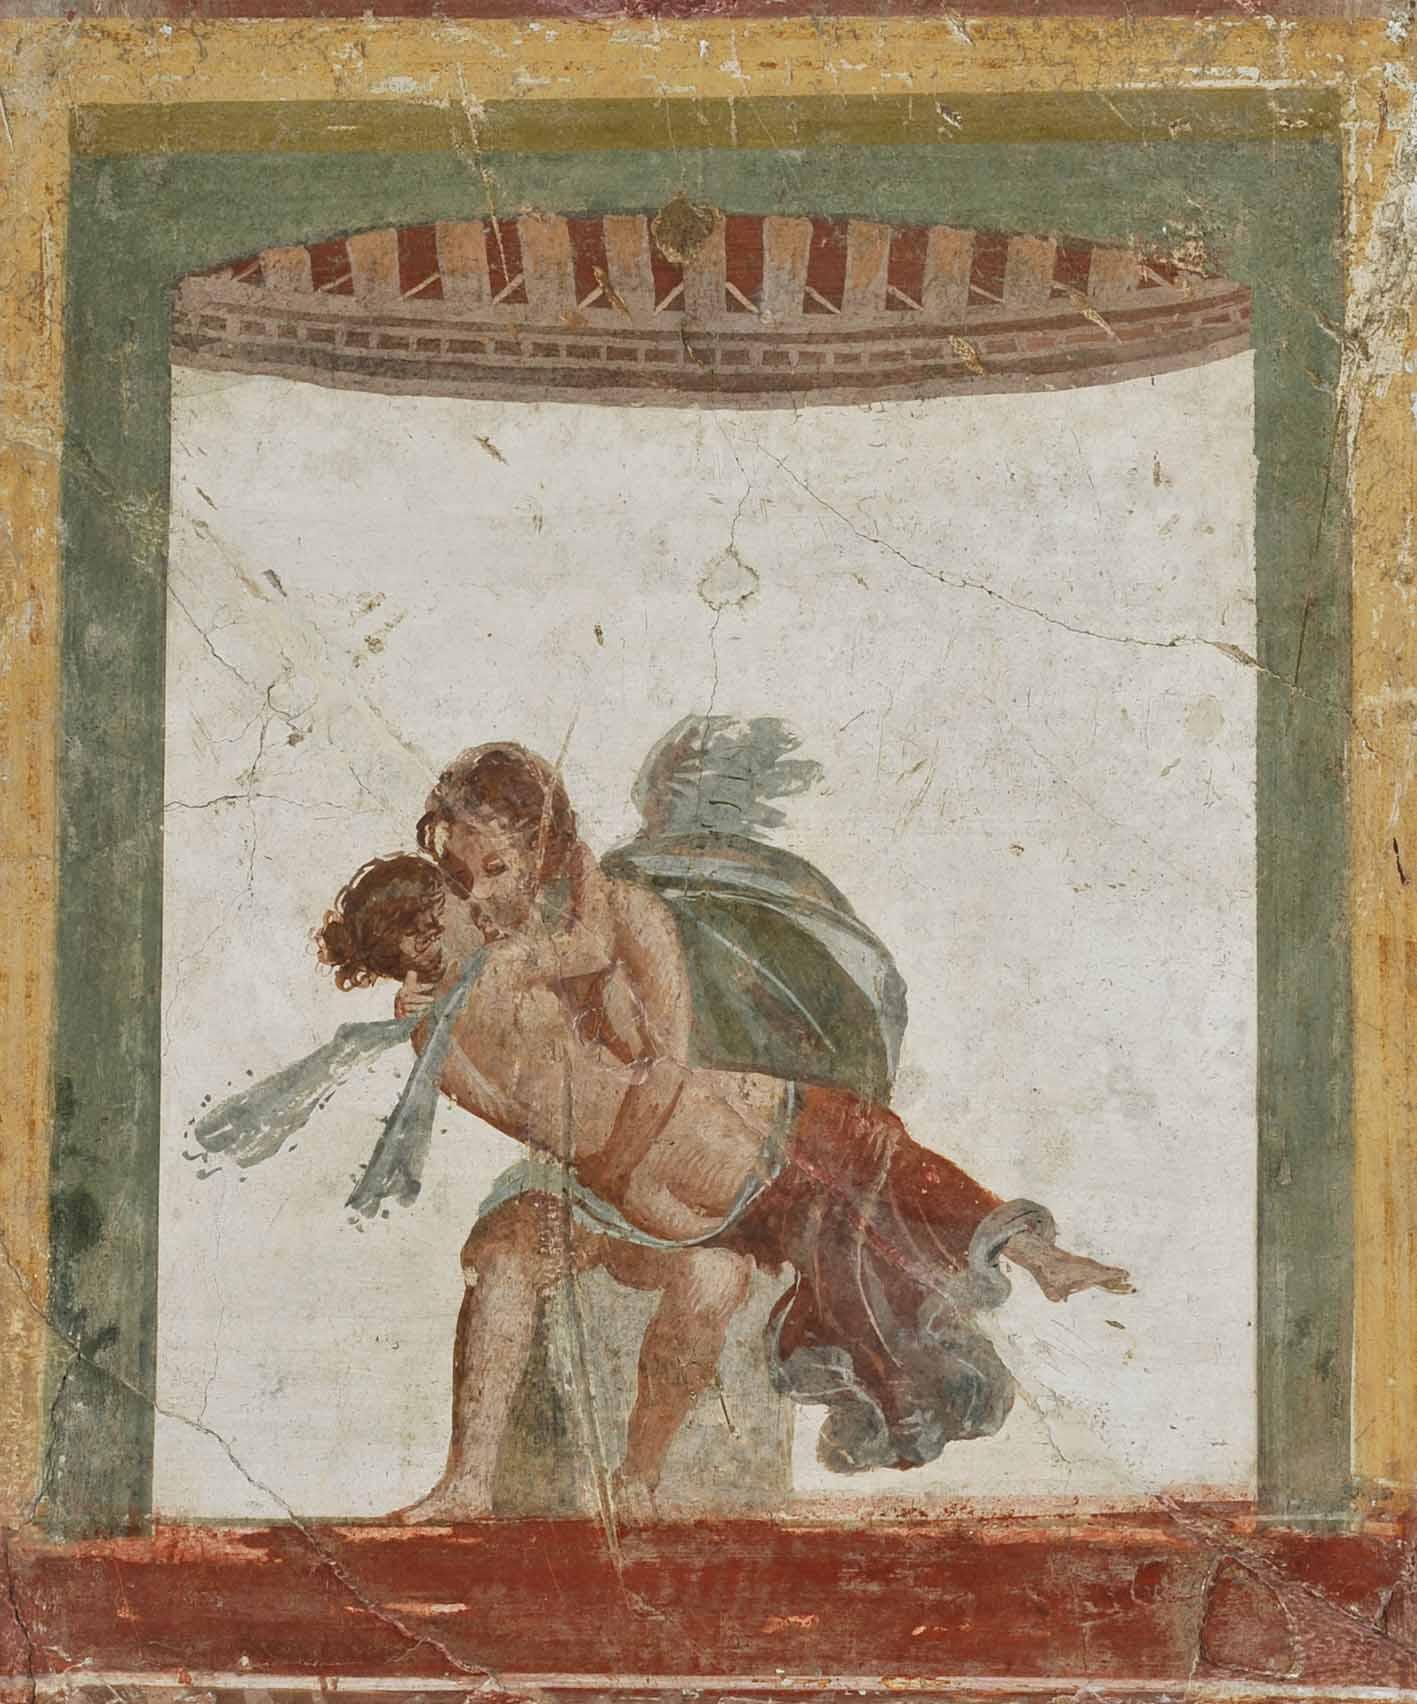 Ovídio: amores e mitos Artes & contextos 4. amore e psiche